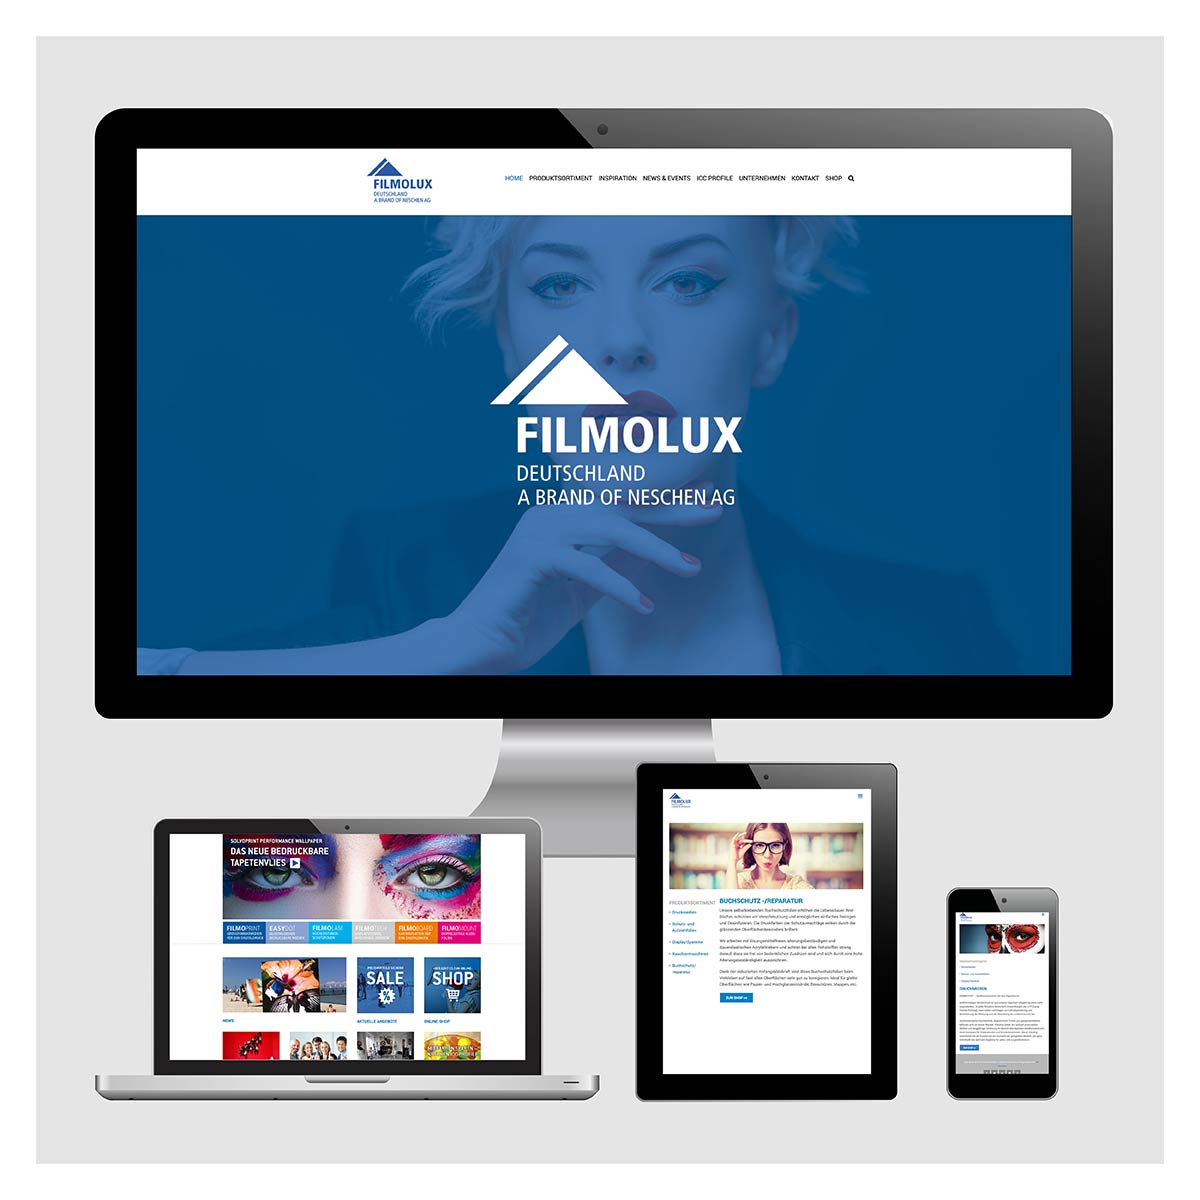 Webauftritt von Filmolux, Homepagegestaltung